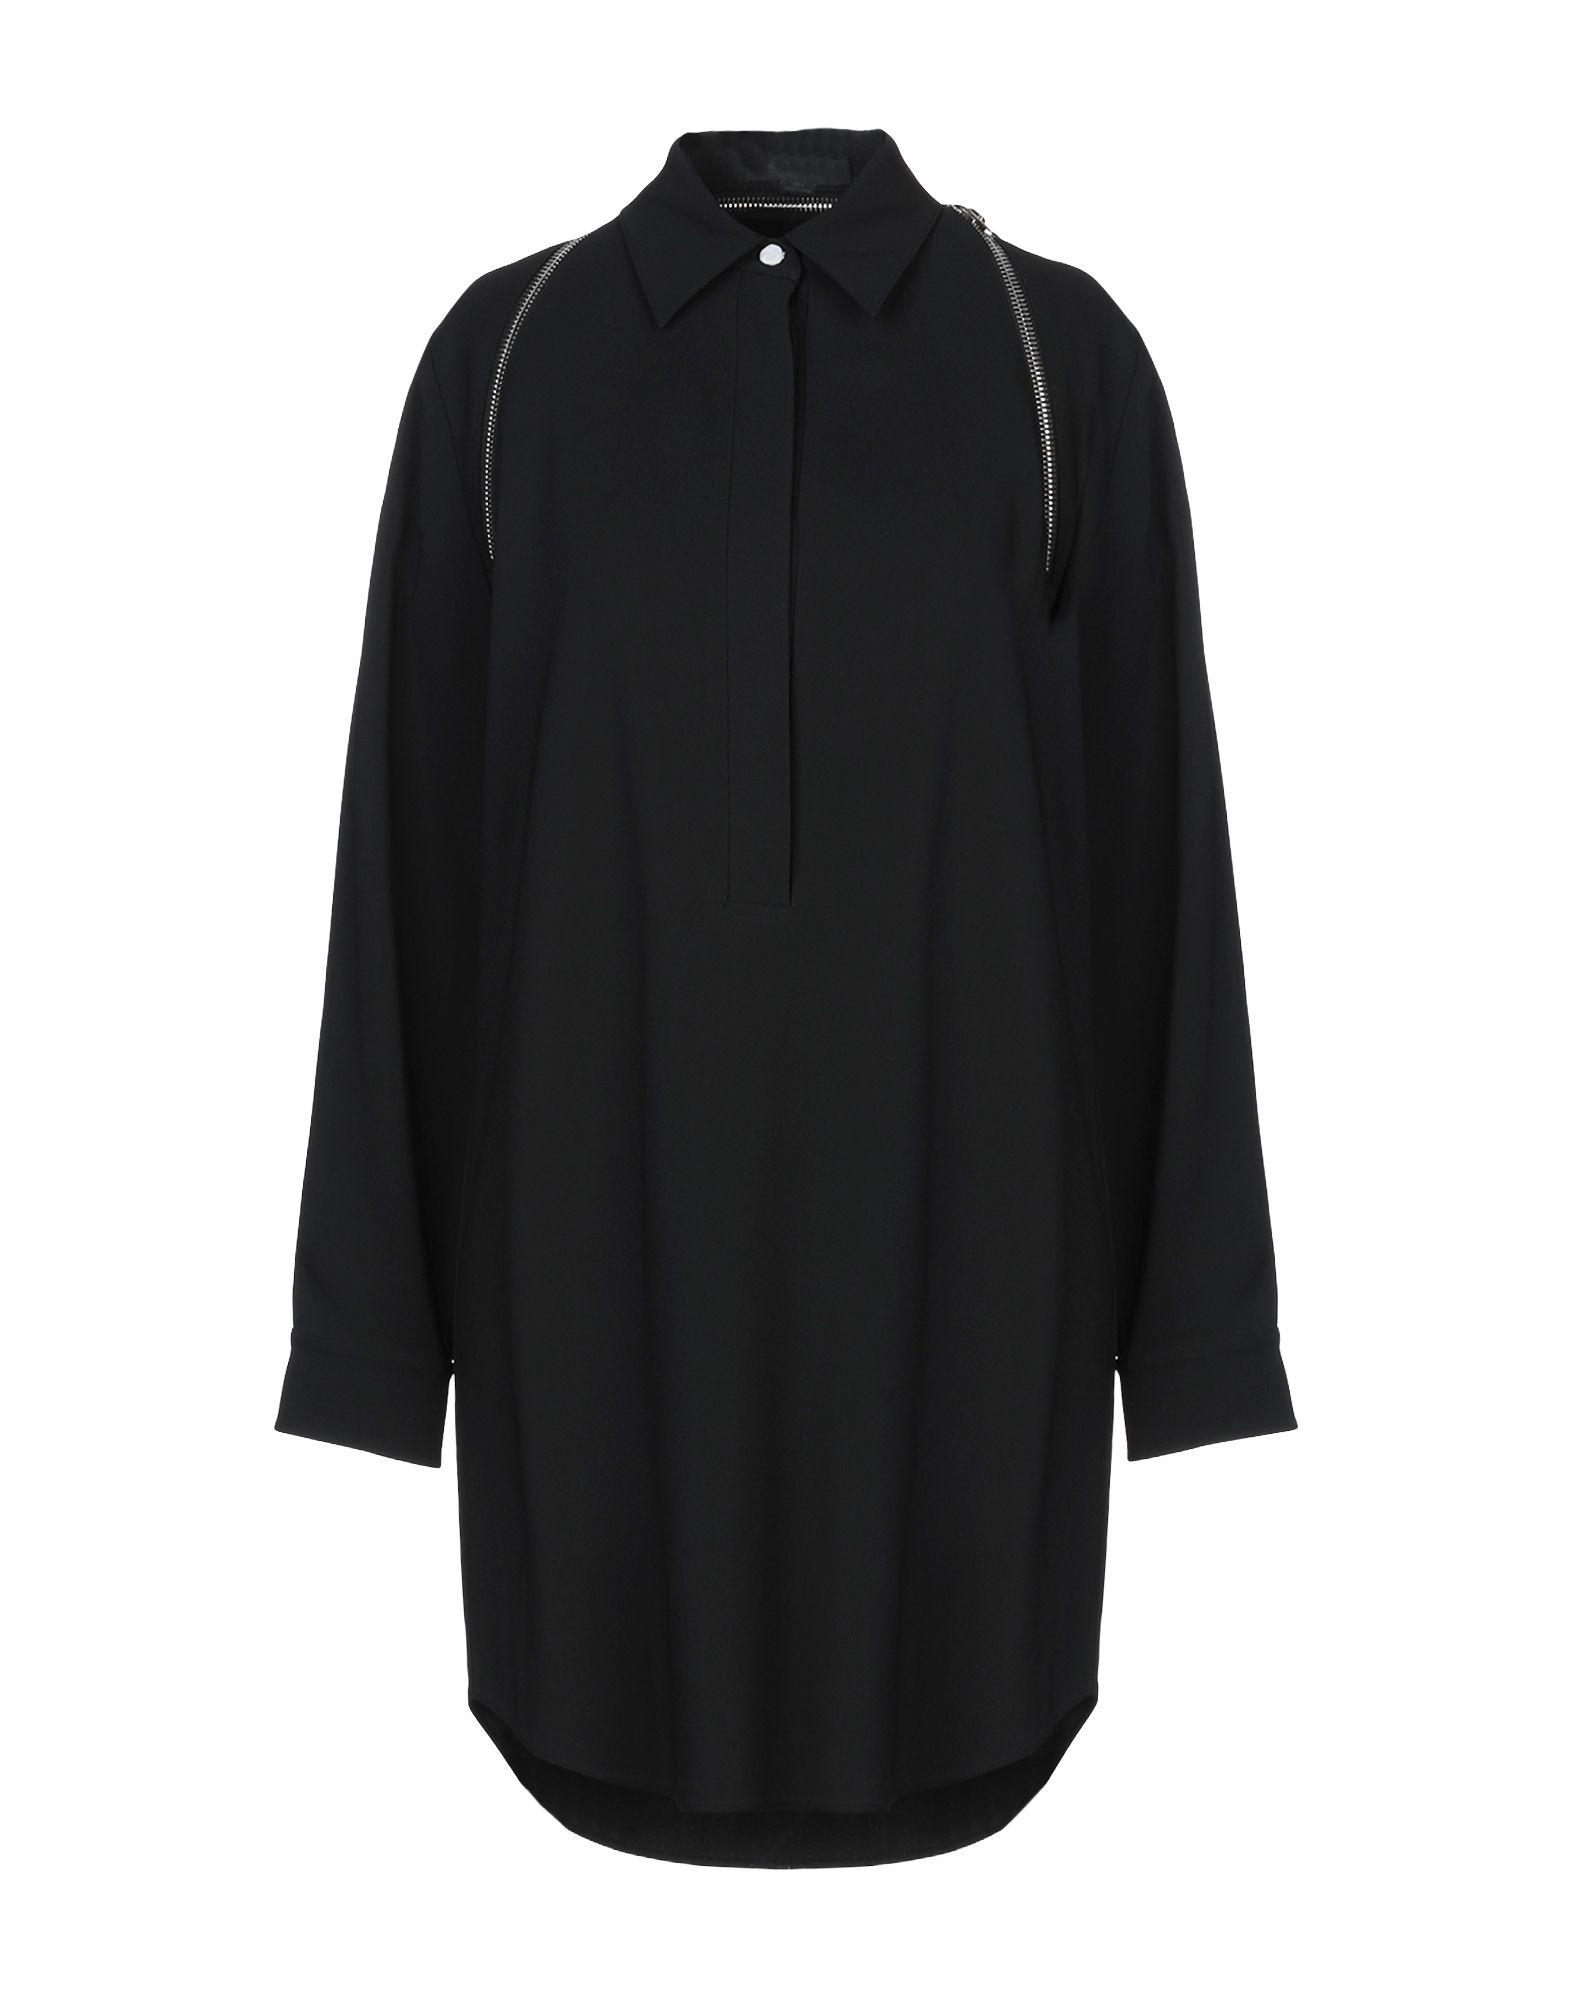 ALEXANDER WANG Короткое платье t by alexander wang черное платье с сетчатой вставкой